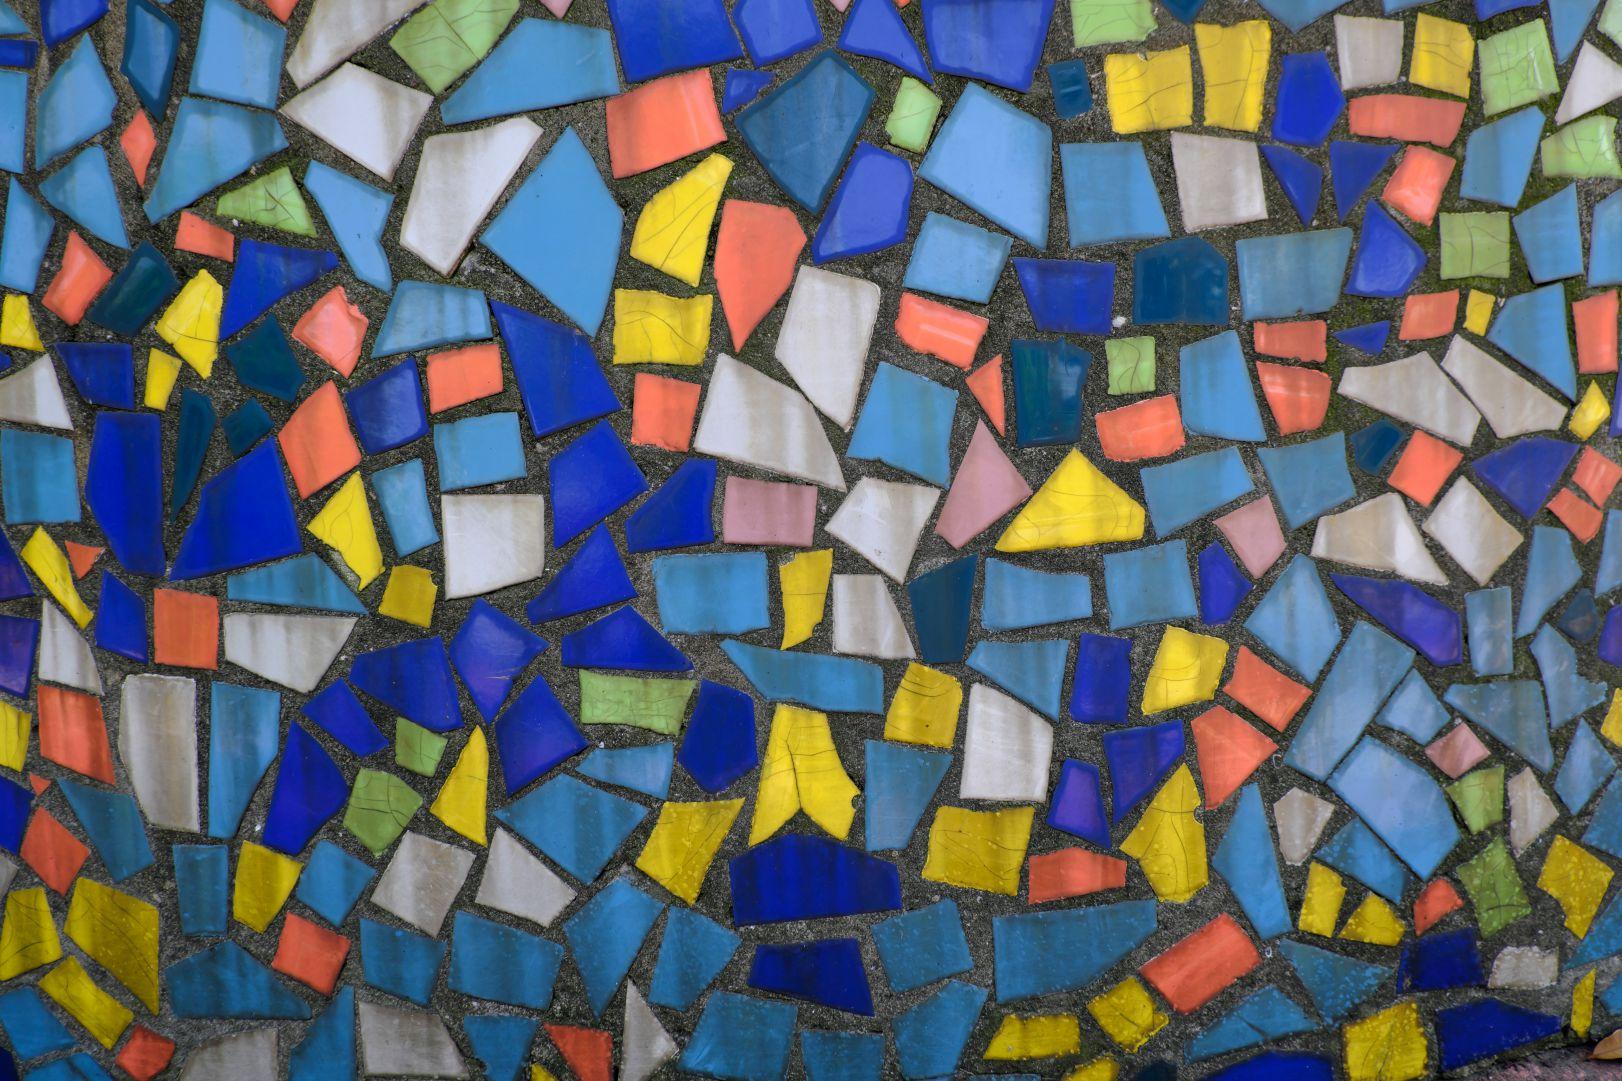 七彩玻璃碎片拼合纹理高清图像 - 免费商用图片